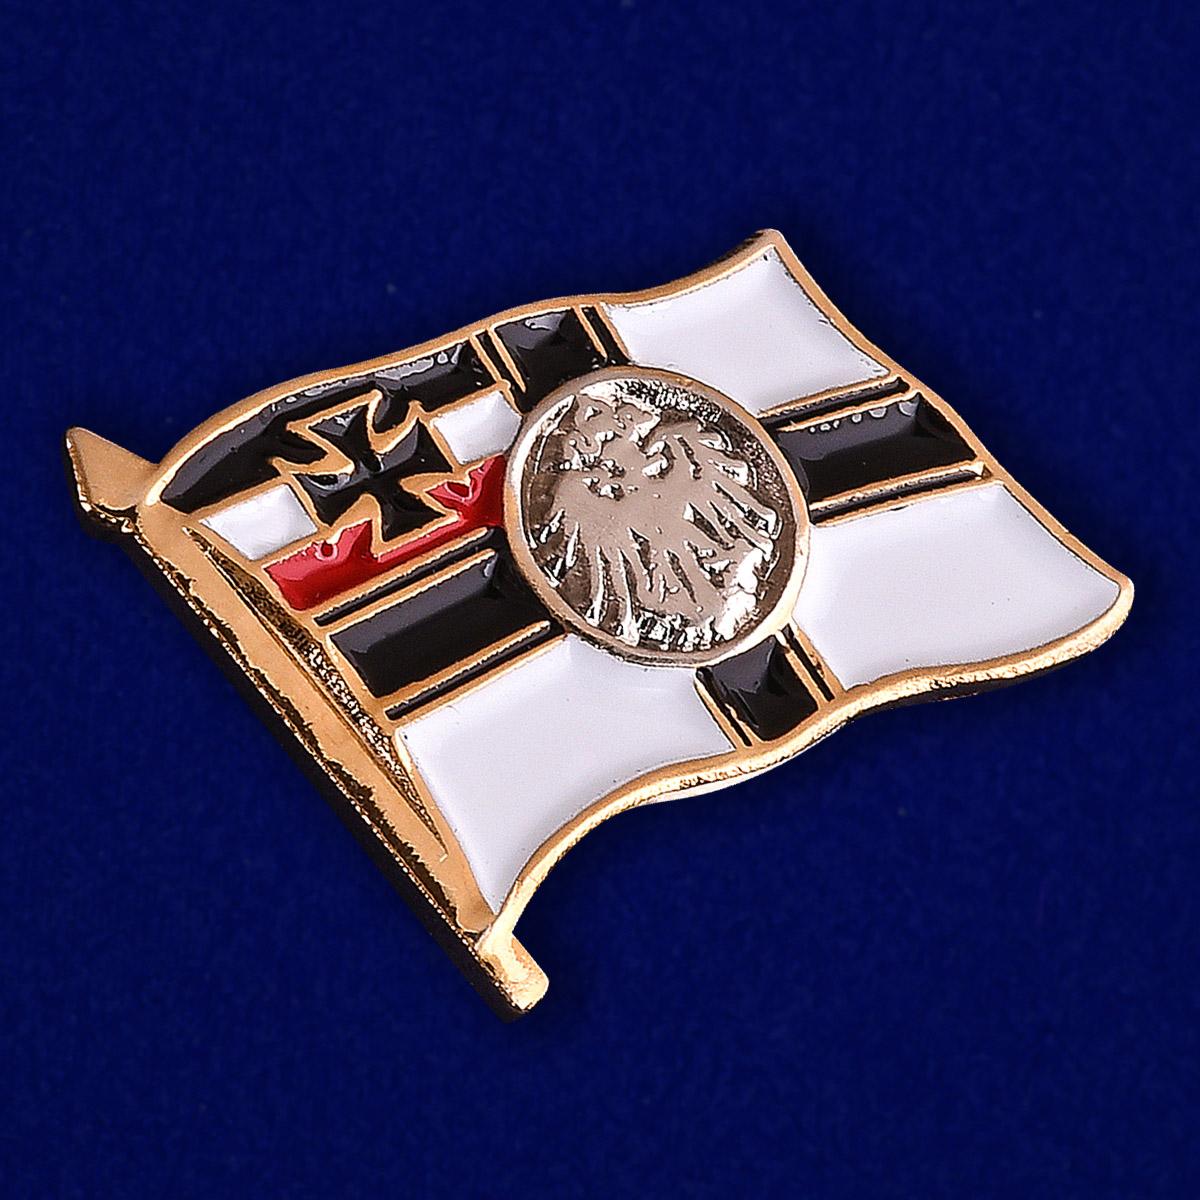 Значок Императорских ВМС Германии - общий вид